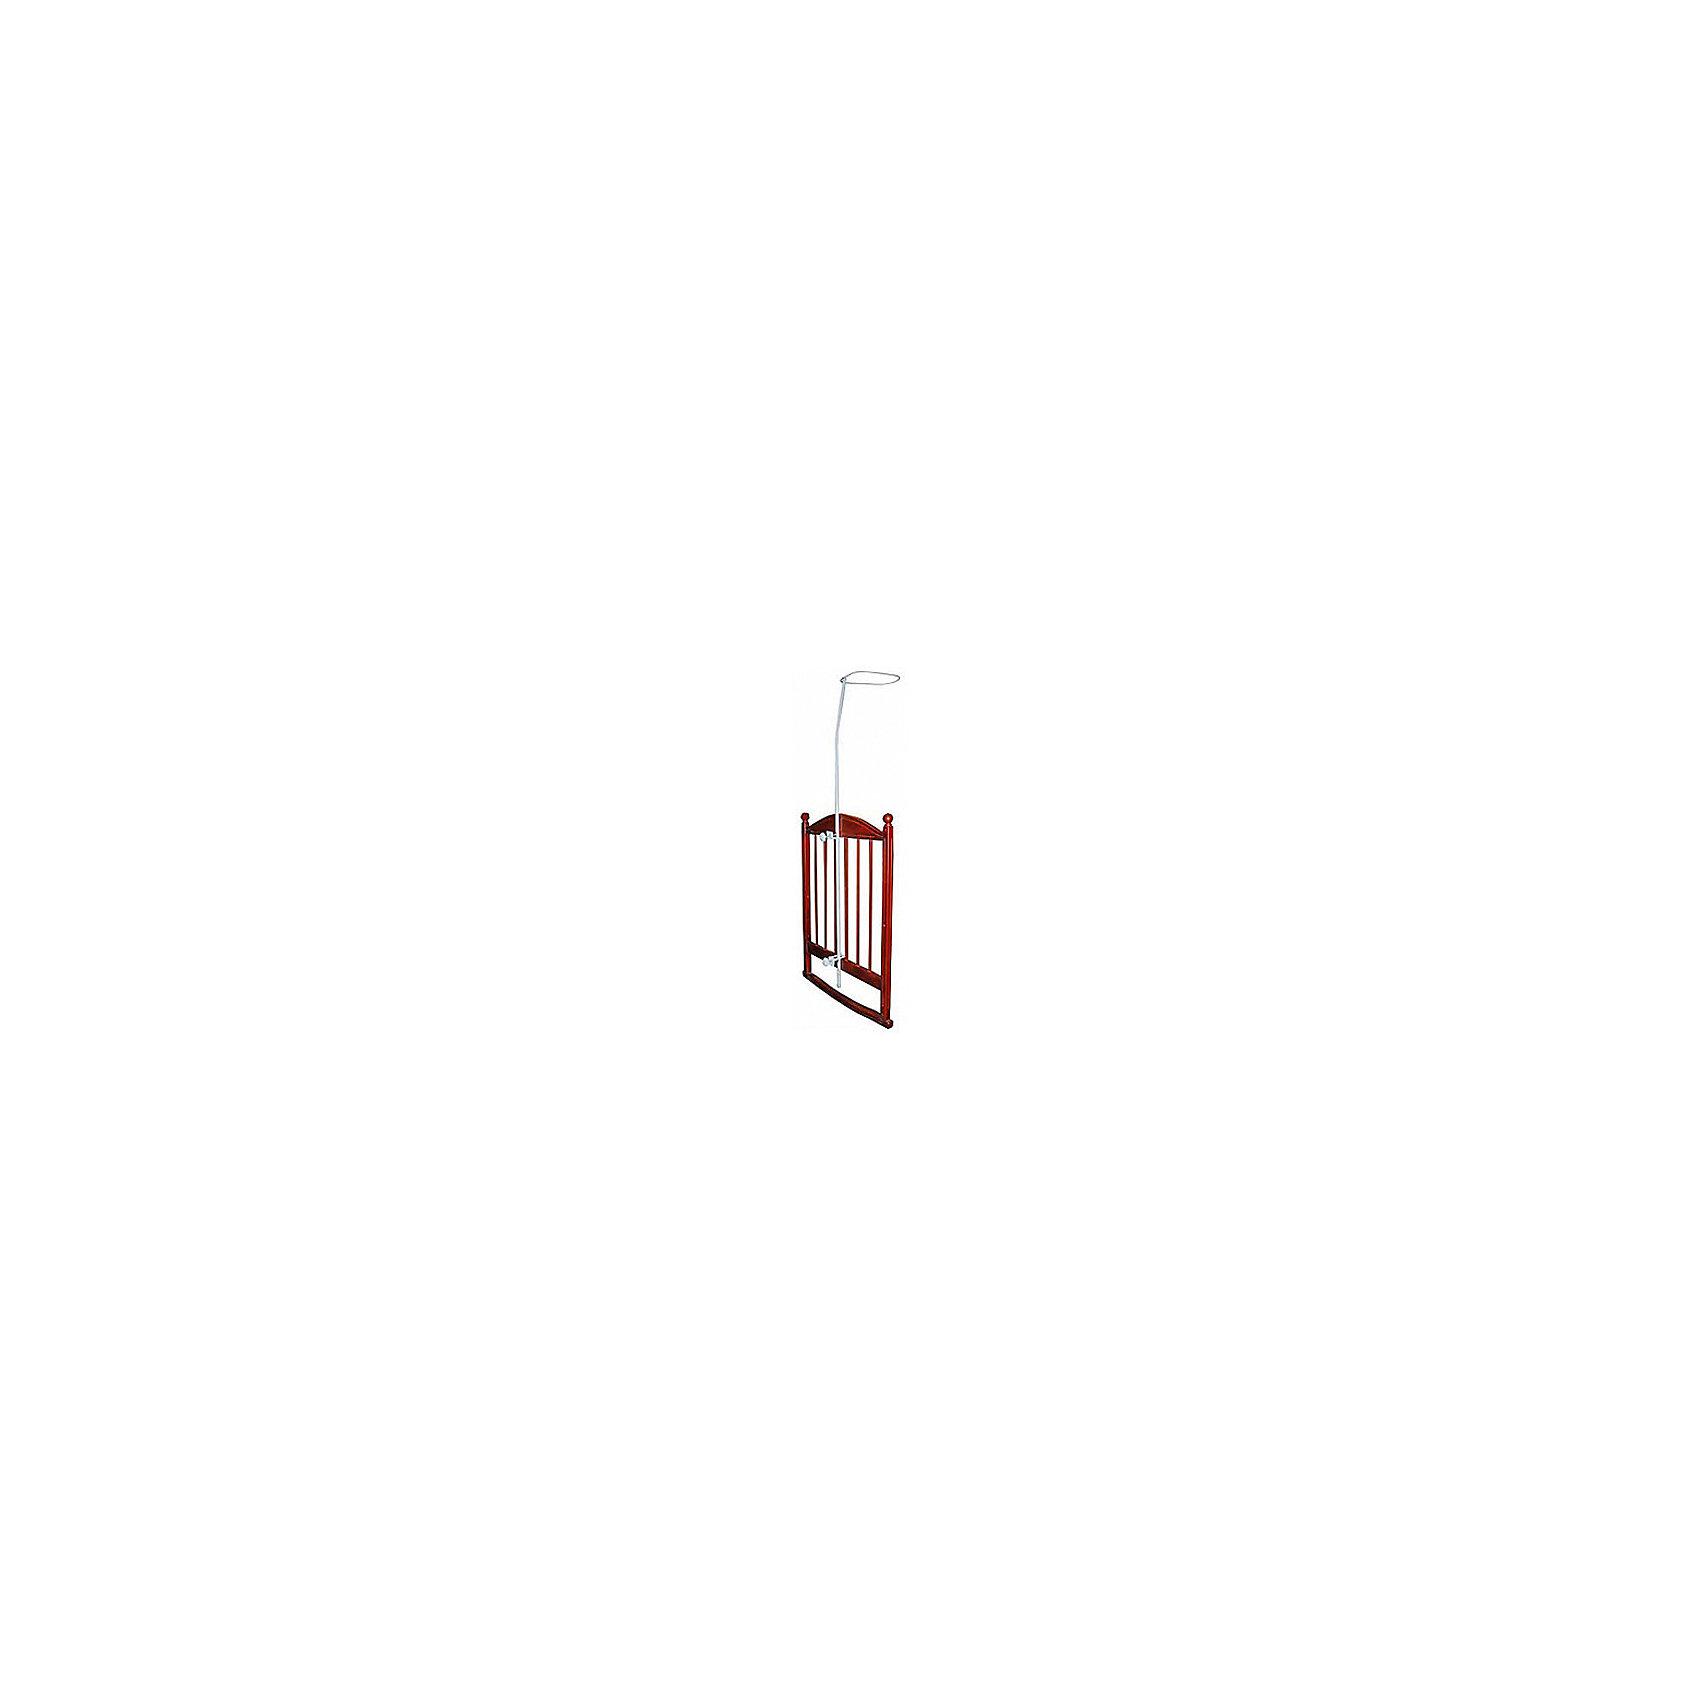 Держатель балдахина, с двойным креплением, в пеналеХарактеристики:<br><br>• Наименование: стойка-держатель для балдахина<br>• Пол: универсальный<br>• Материал: металл<br>• Цвет: белый<br>• Наличие двойного крепления<br>• Наличие сборной конструкции<br>• Предусмотрена регулировка по высоте <br>• Предусмотрена упаковка из плотного картона<br>• Размер (Д*Ш*В): 67*19*155 см<br>• Вес: 1 кг<br><br>Держатель балдахина, с двойным креплением, в пенале предназначен для детских кроваток. Изготовлен из металла, поверхность которого окрашена нетоксичной безопасной краской белого цвета. Держатель выполнен в виде стойки, закрепляющейся за счет двух надежных креплений. Сверху в виде петли имеется крепление для балдахина. Держатель балдахина создаст уют и комфорт для вашего малыша в кроватке.<br><br>Держатель балдахина, с двойным креплением, в пенале можно купить в нашем интернет-магазине.<br><br>Ширина мм: 800<br>Глубина мм: 100<br>Высота мм: 100<br>Вес г: 1000<br>Возраст от месяцев: 0<br>Возраст до месяцев: 36<br>Пол: Унисекс<br>Возраст: Детский<br>SKU: 5120607